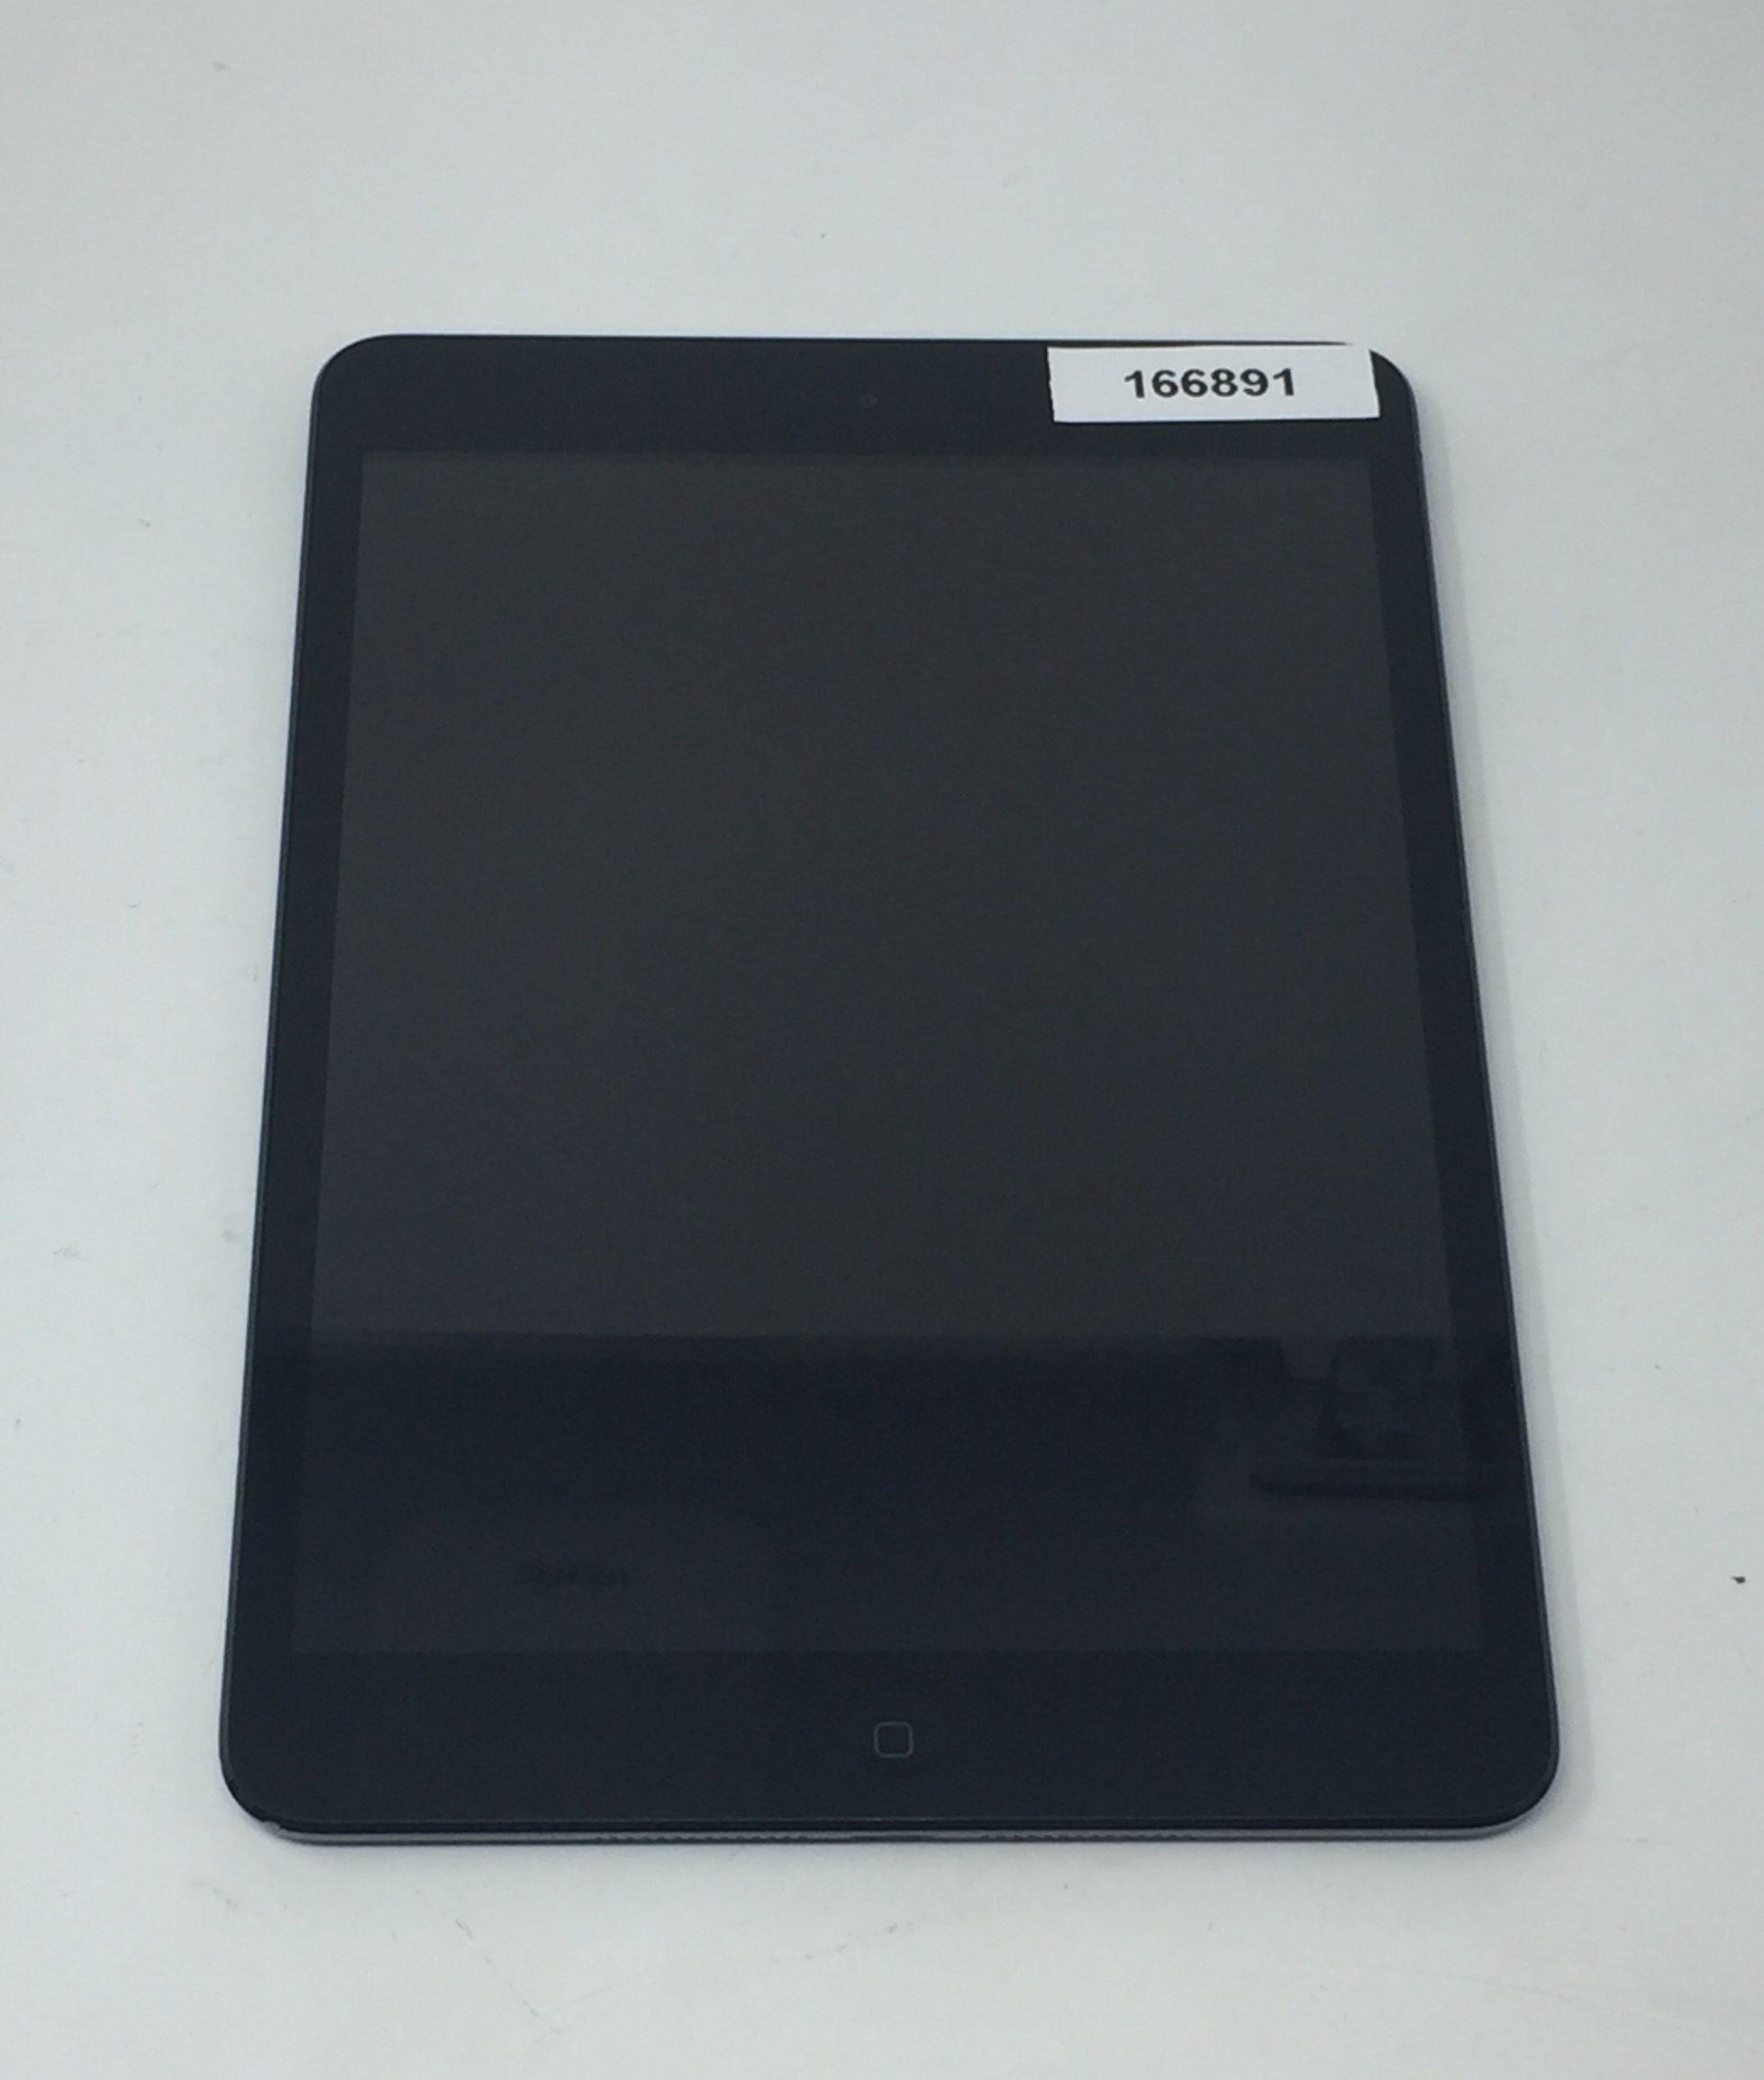 iPad mini Wi-Fi 16GB, 16 GB, BLACK, Afbeelding 1